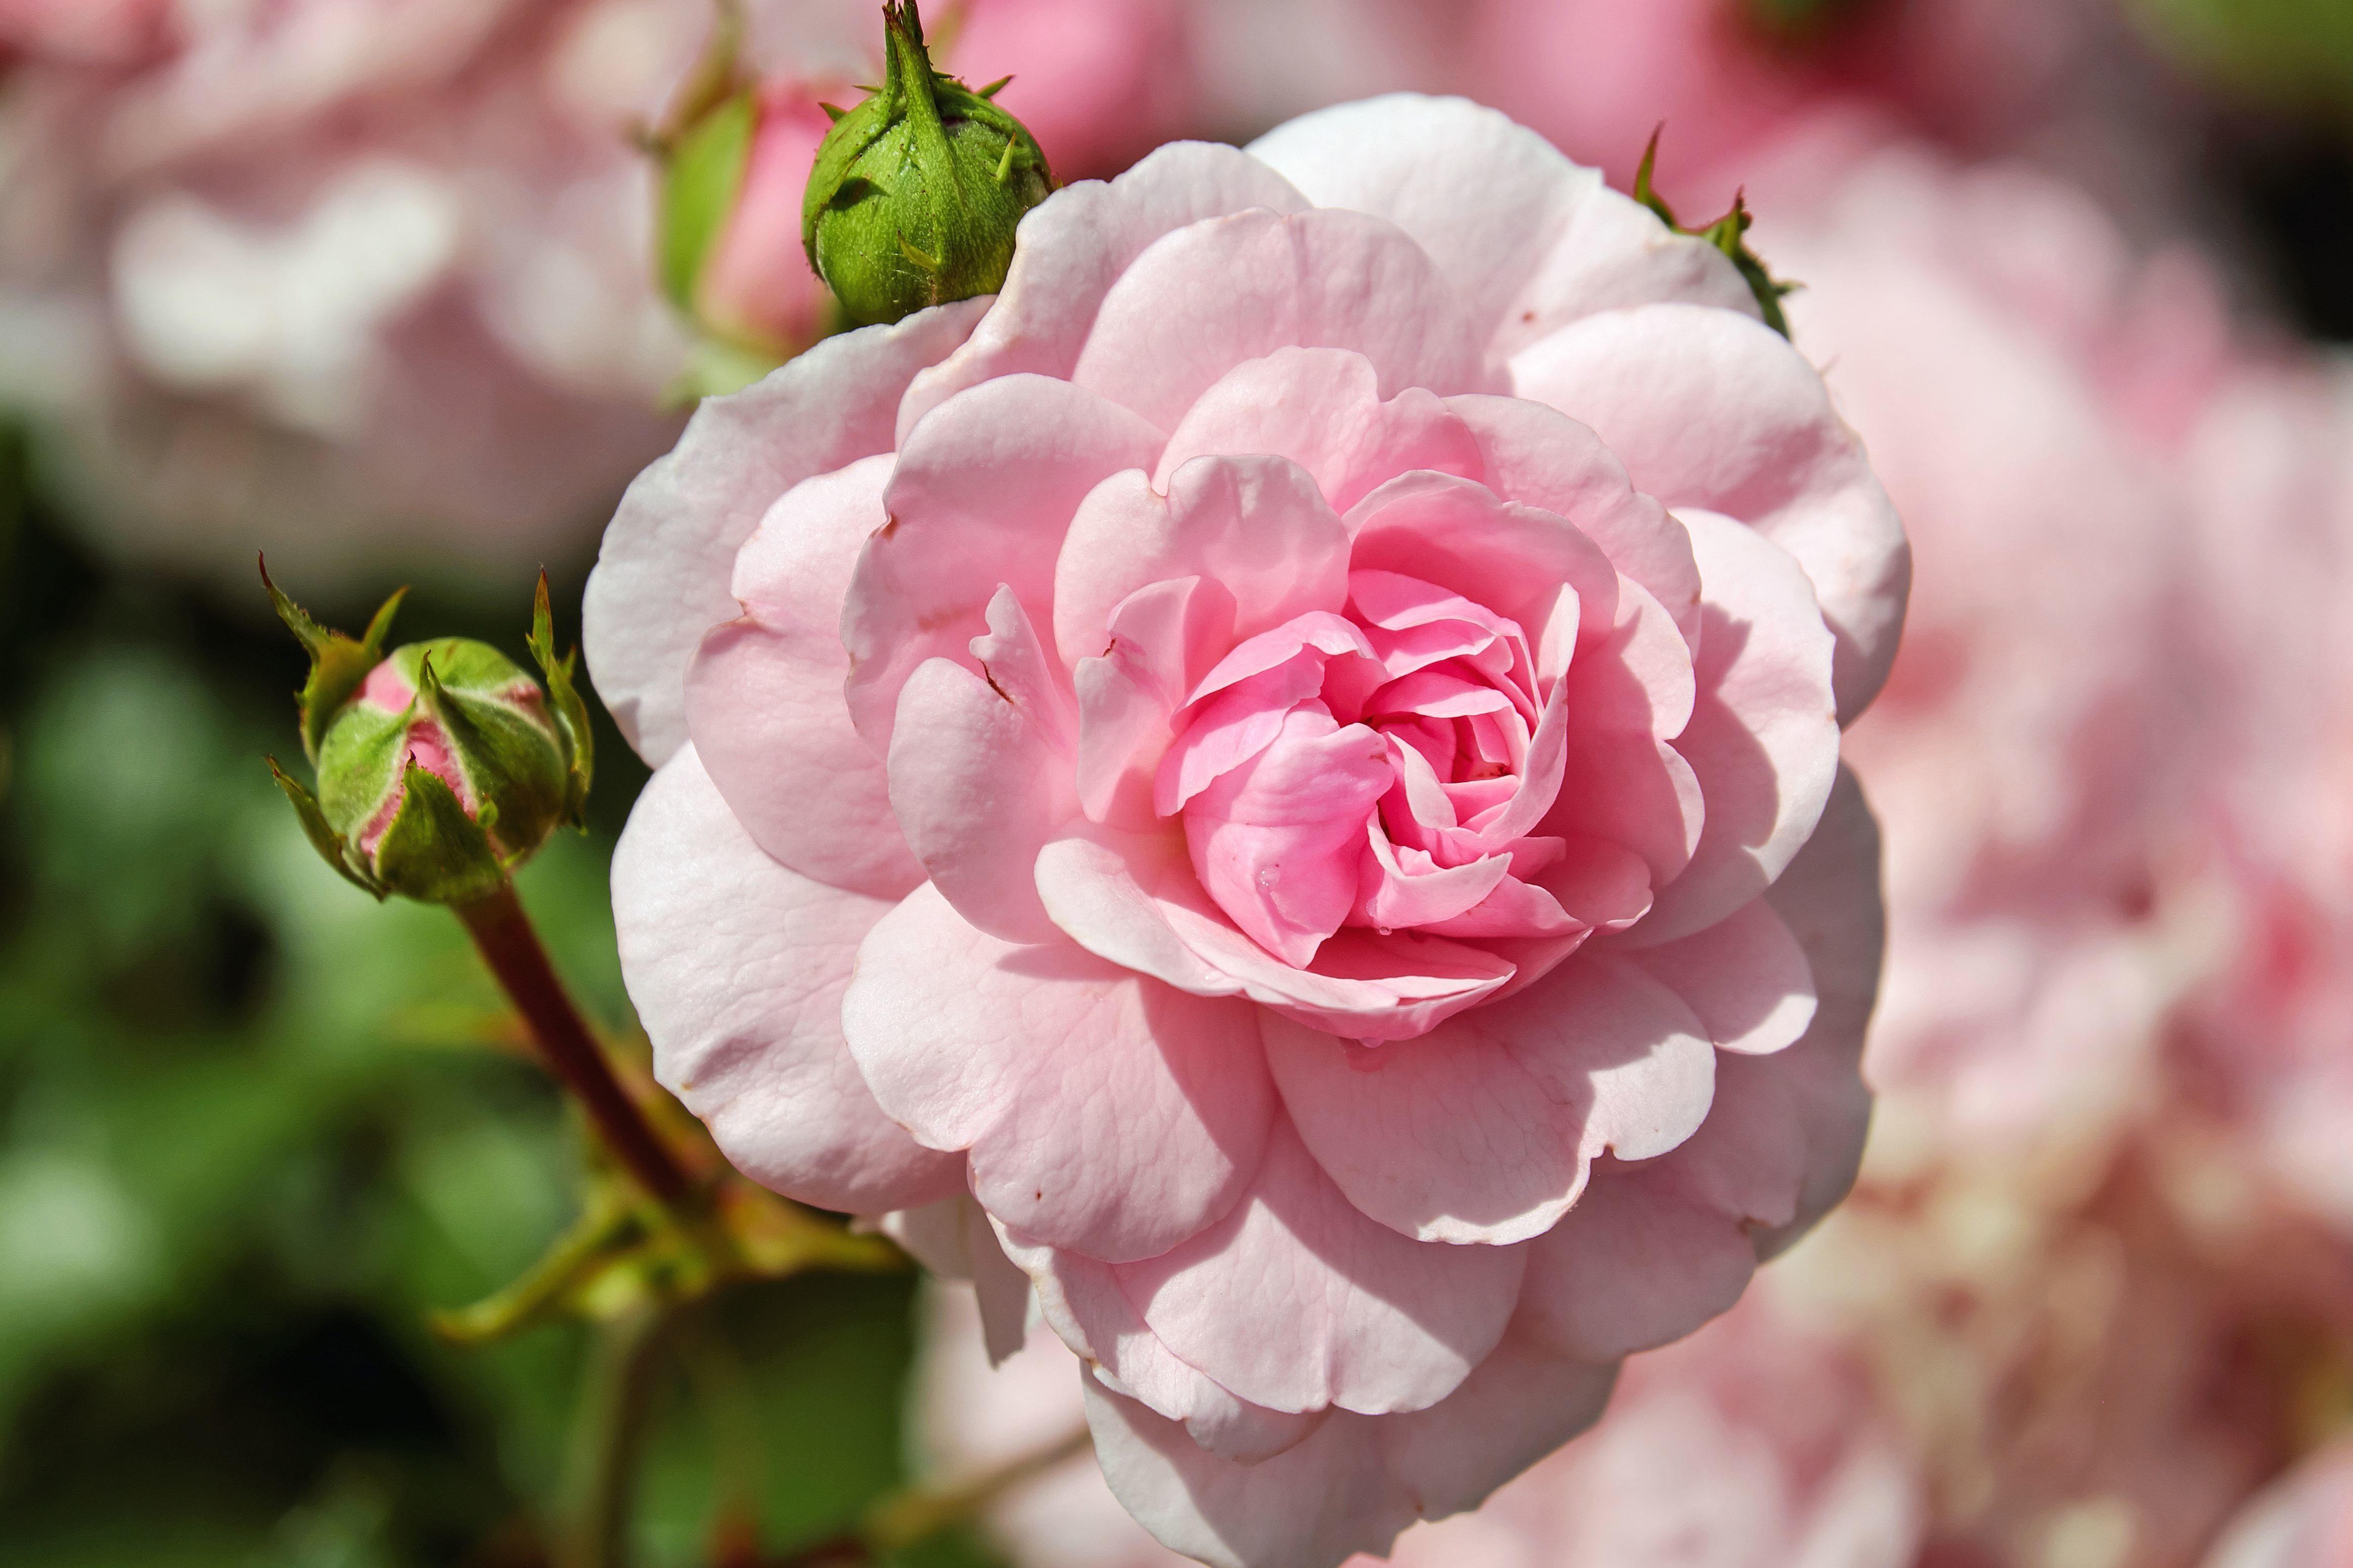 Foto gratis giardino fiorito flora gemma fiore fiori